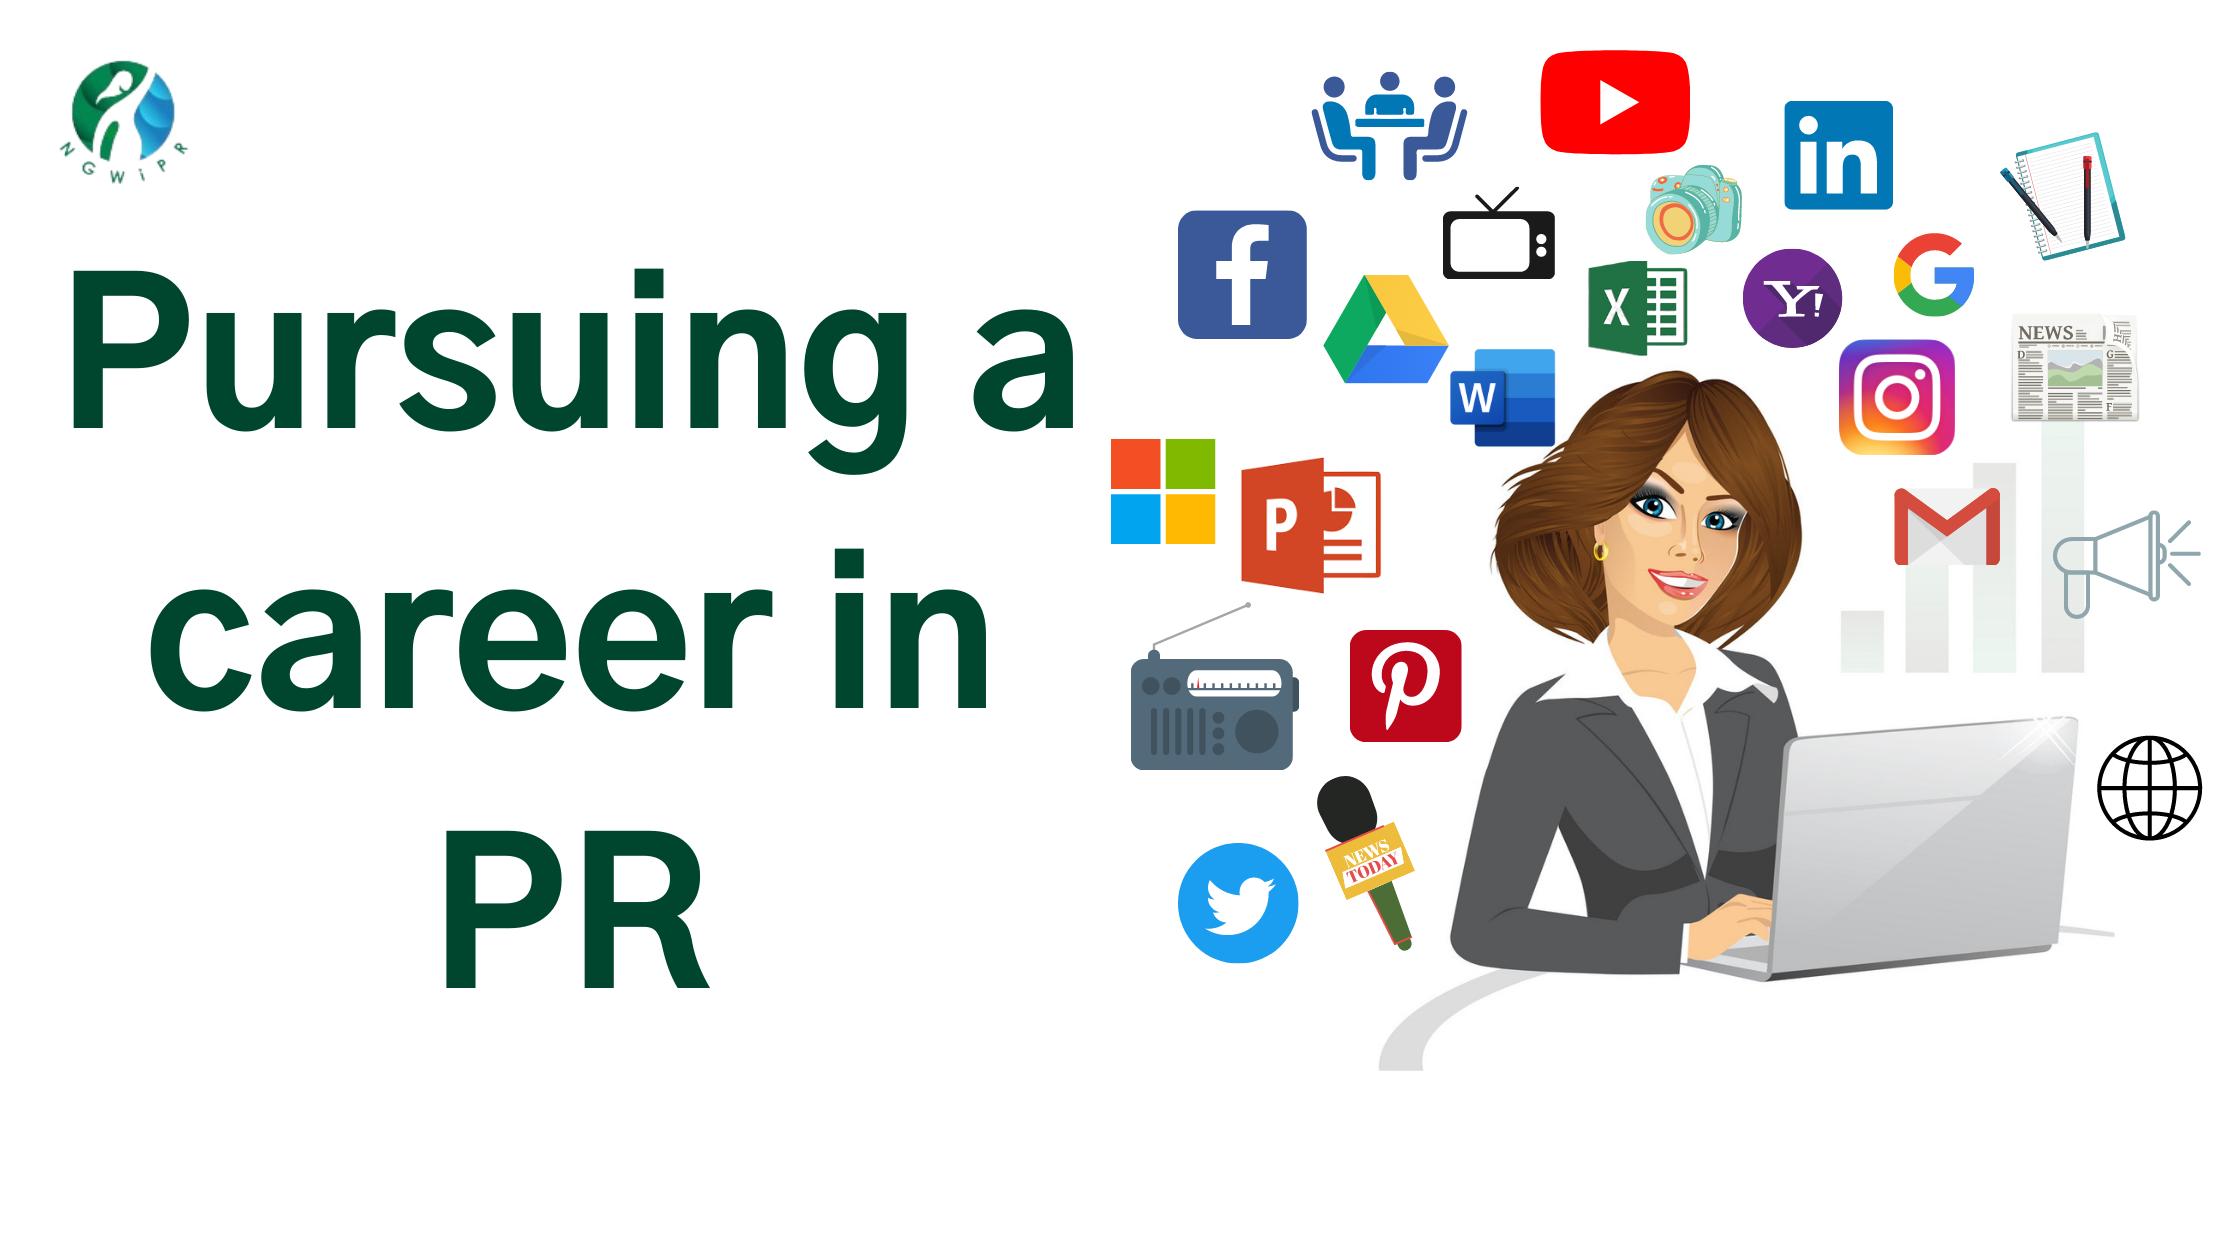 Pursuing a career in PR?